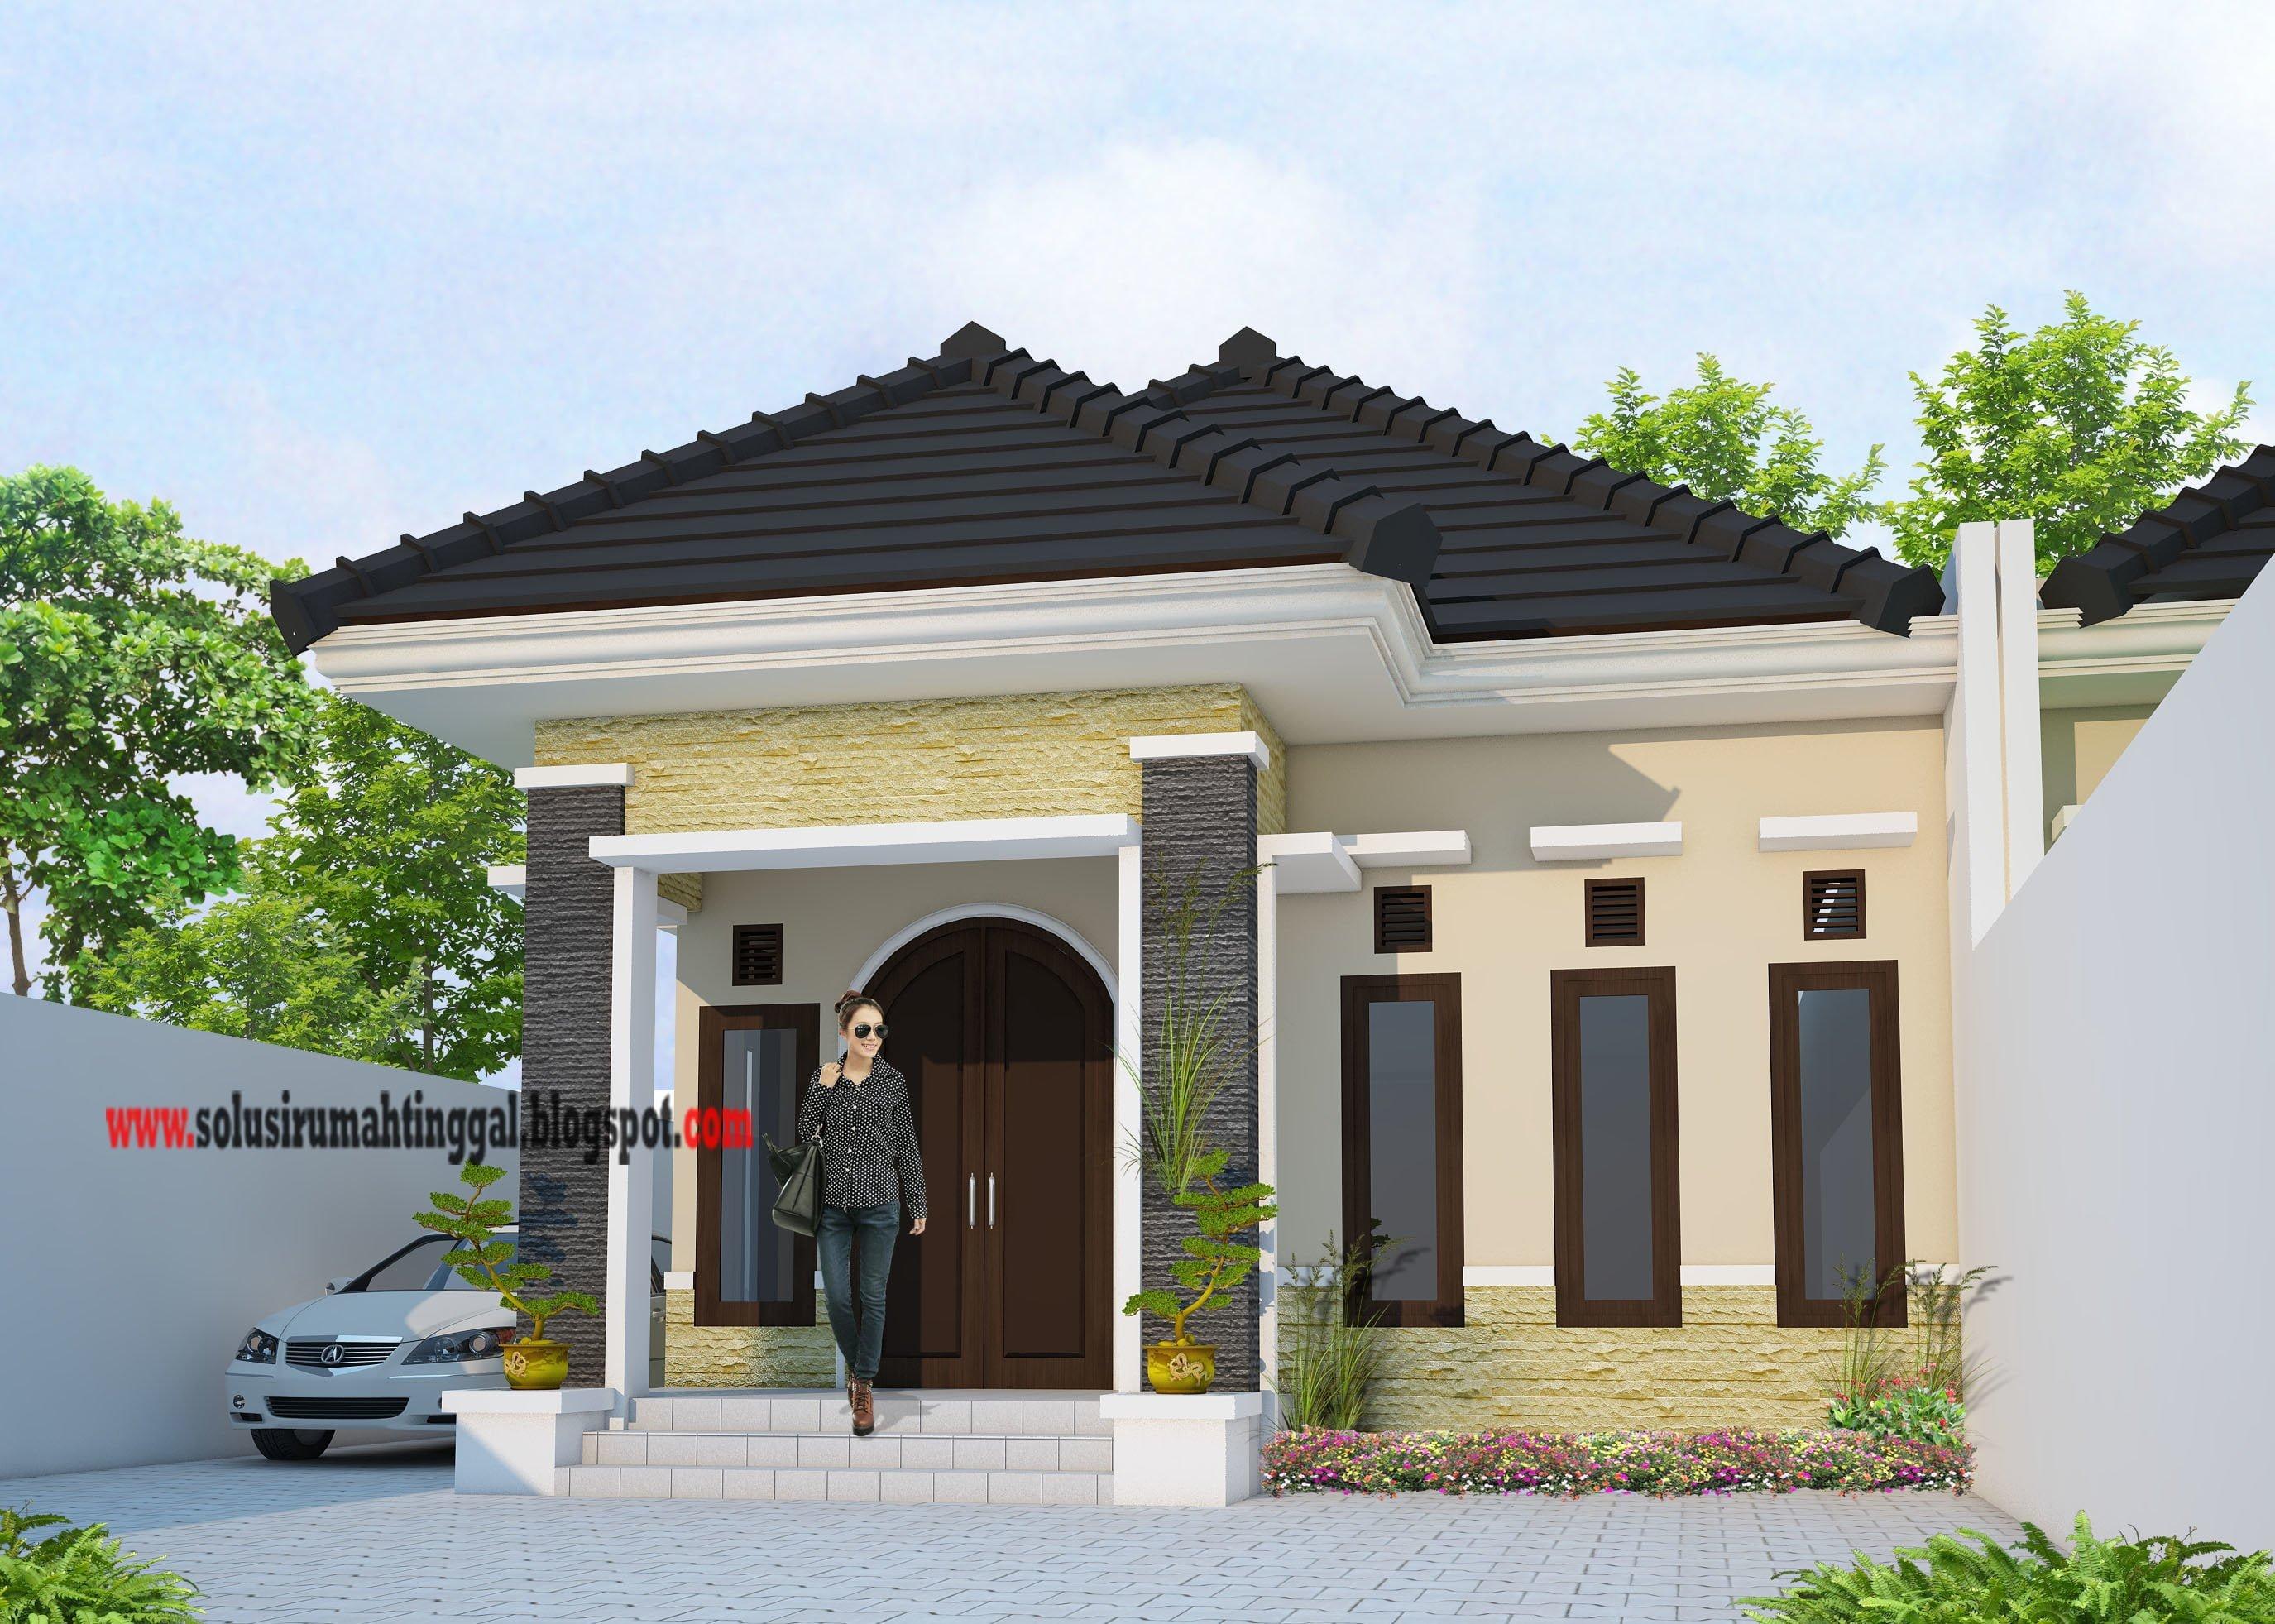 92 Ragam Desain Model Rumah Minimalis Modern Terbaru 1 Lantai Paling Banyak di Minati